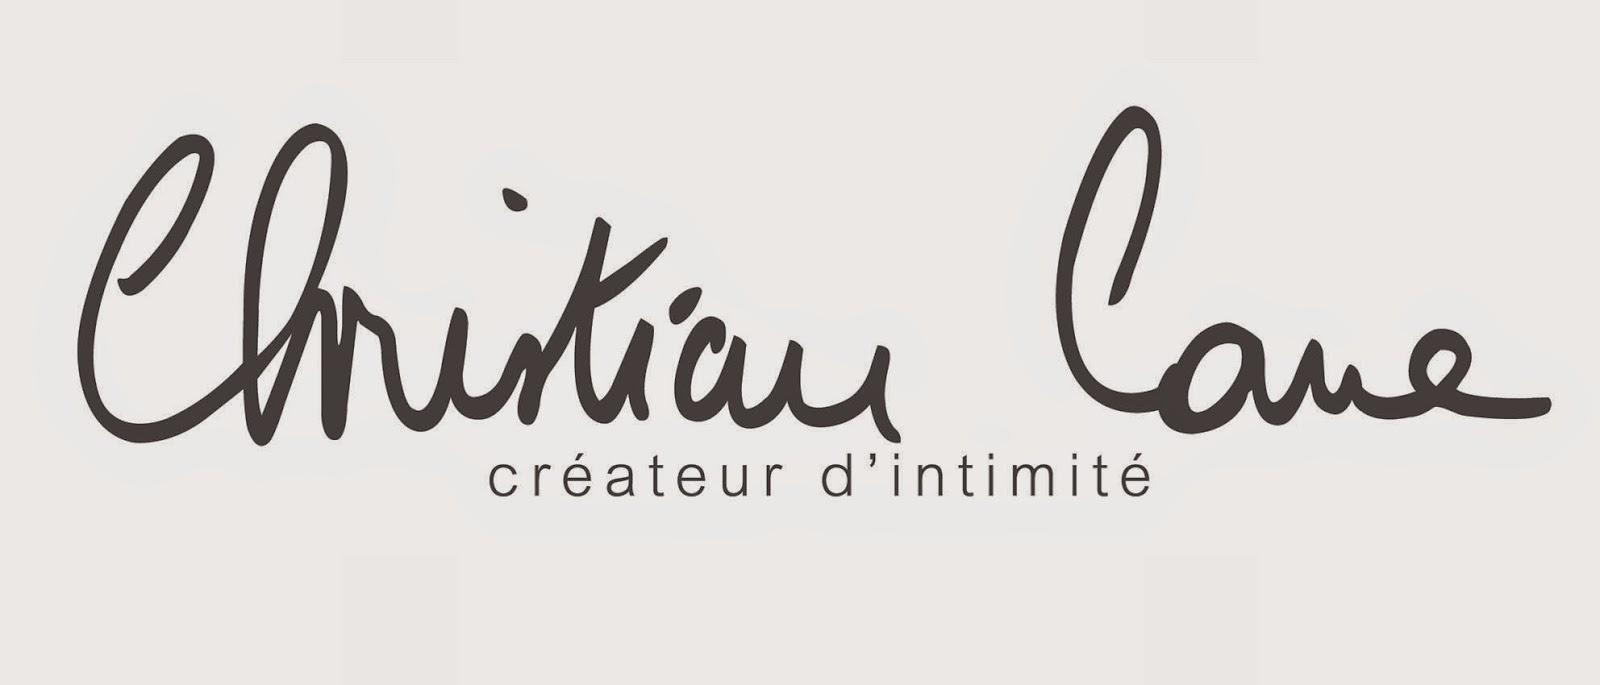 vente privée Christian Cane à Roanne dans la Loire